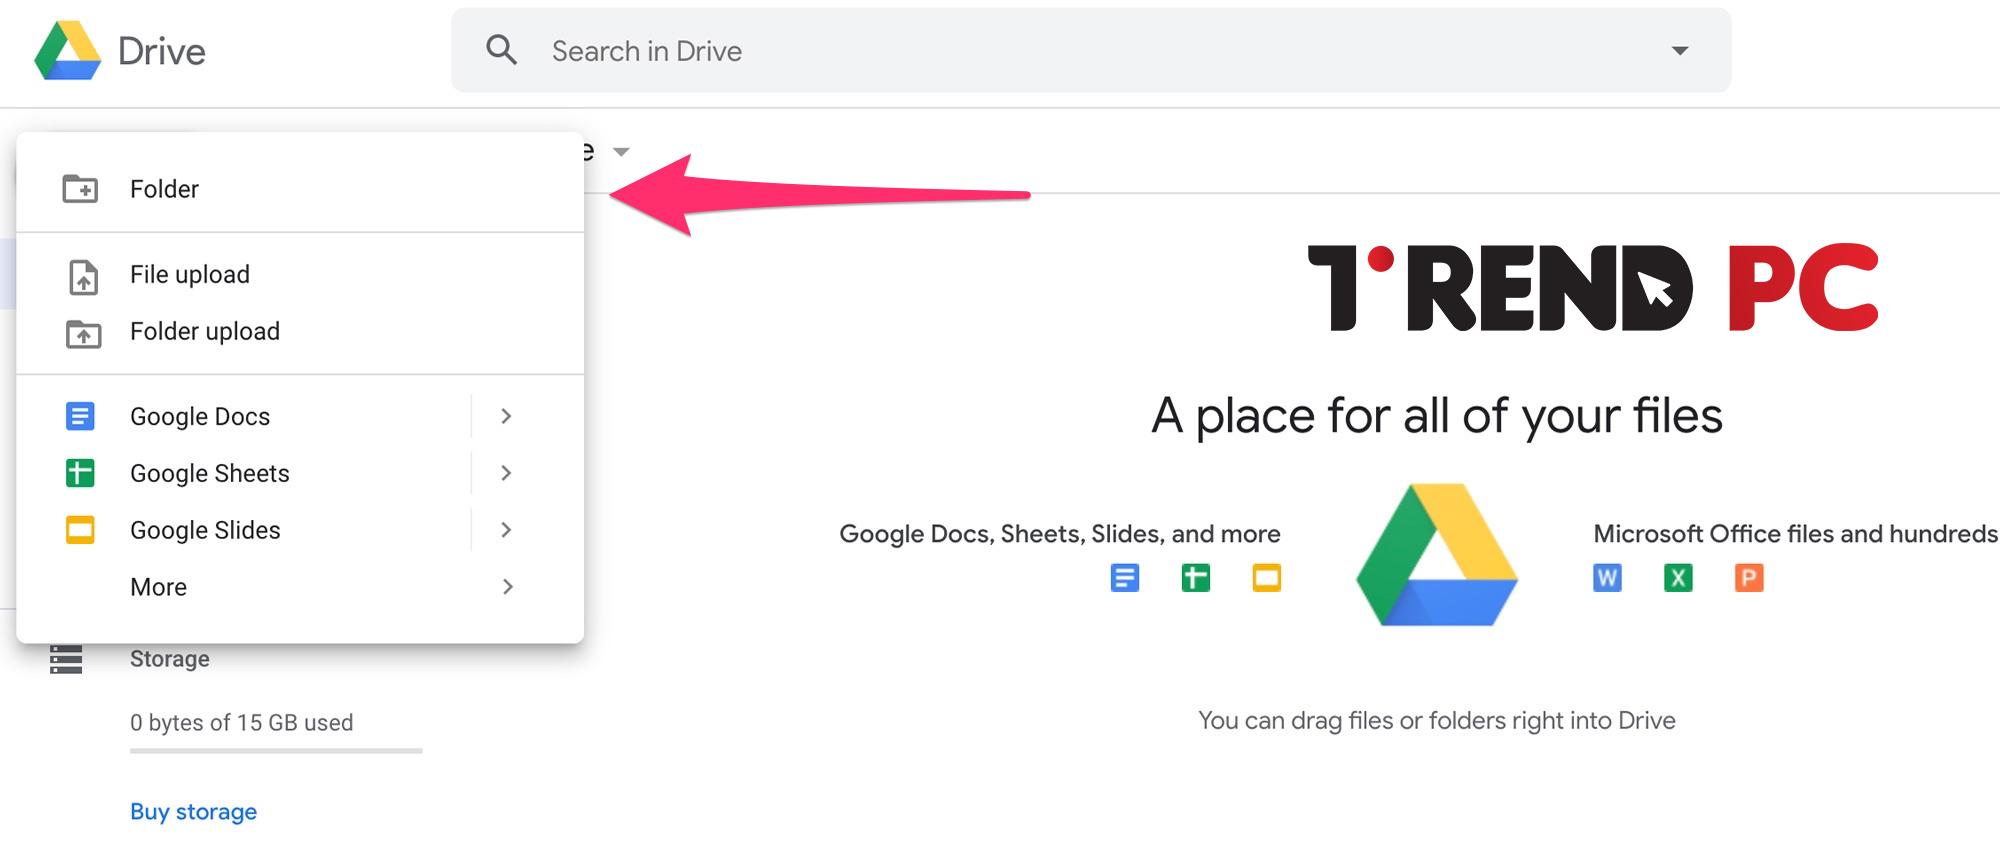 إدارة وتنظيم الملفات والمجلدات google drive